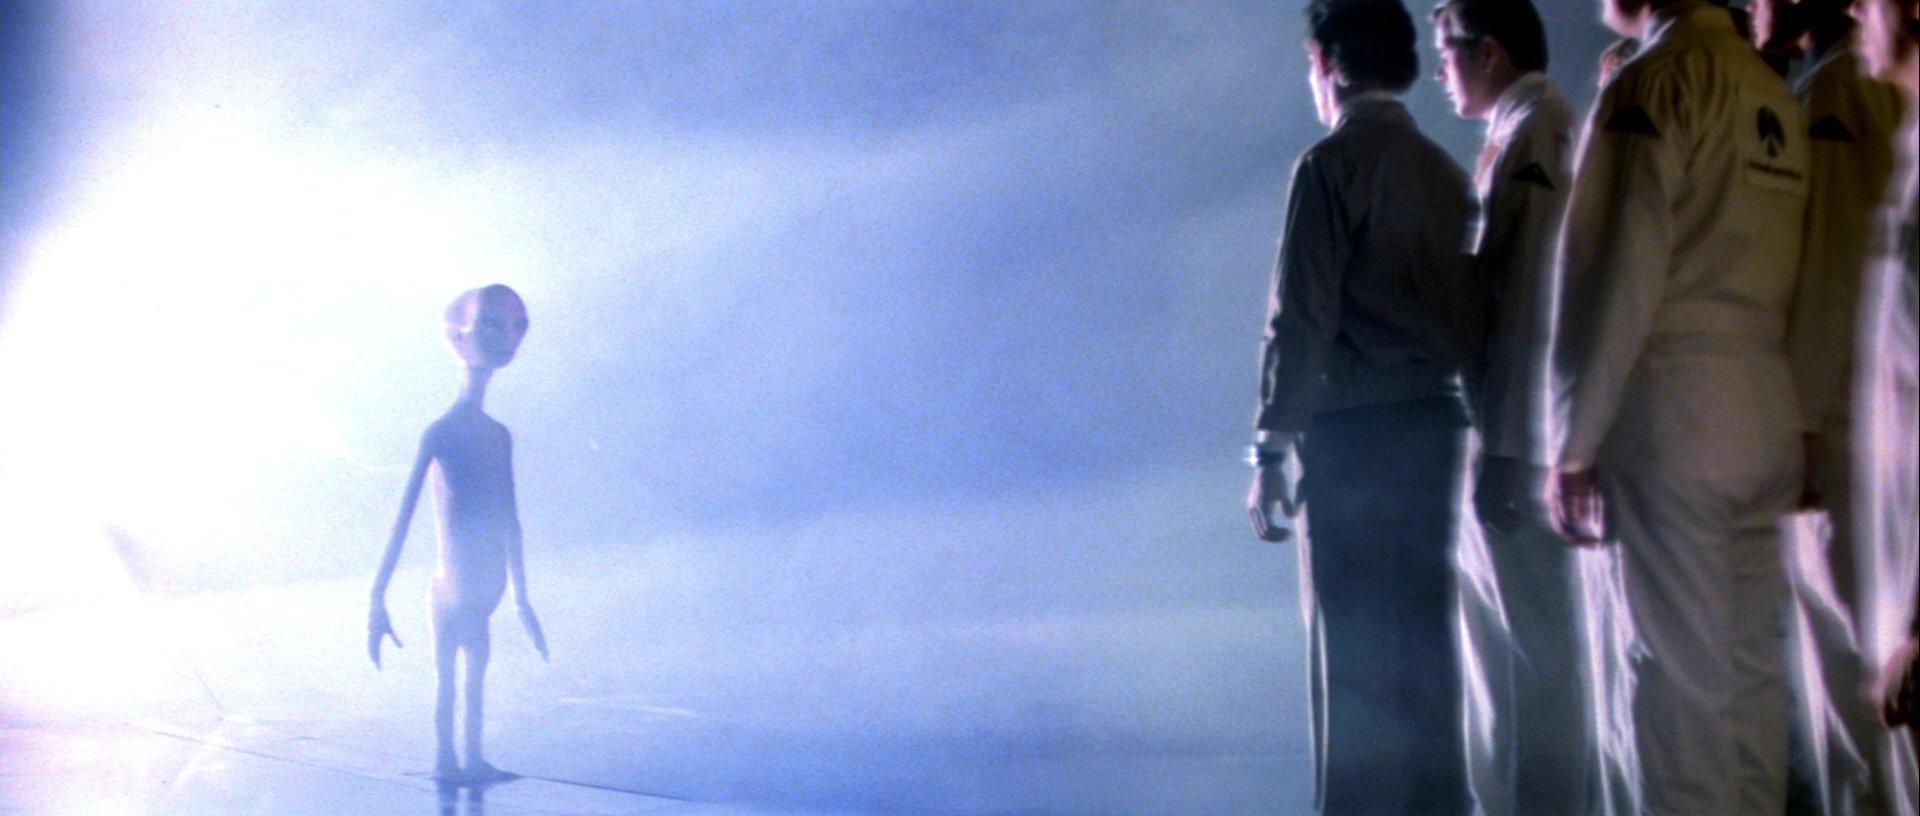 『未知との遭遇』宇宙人